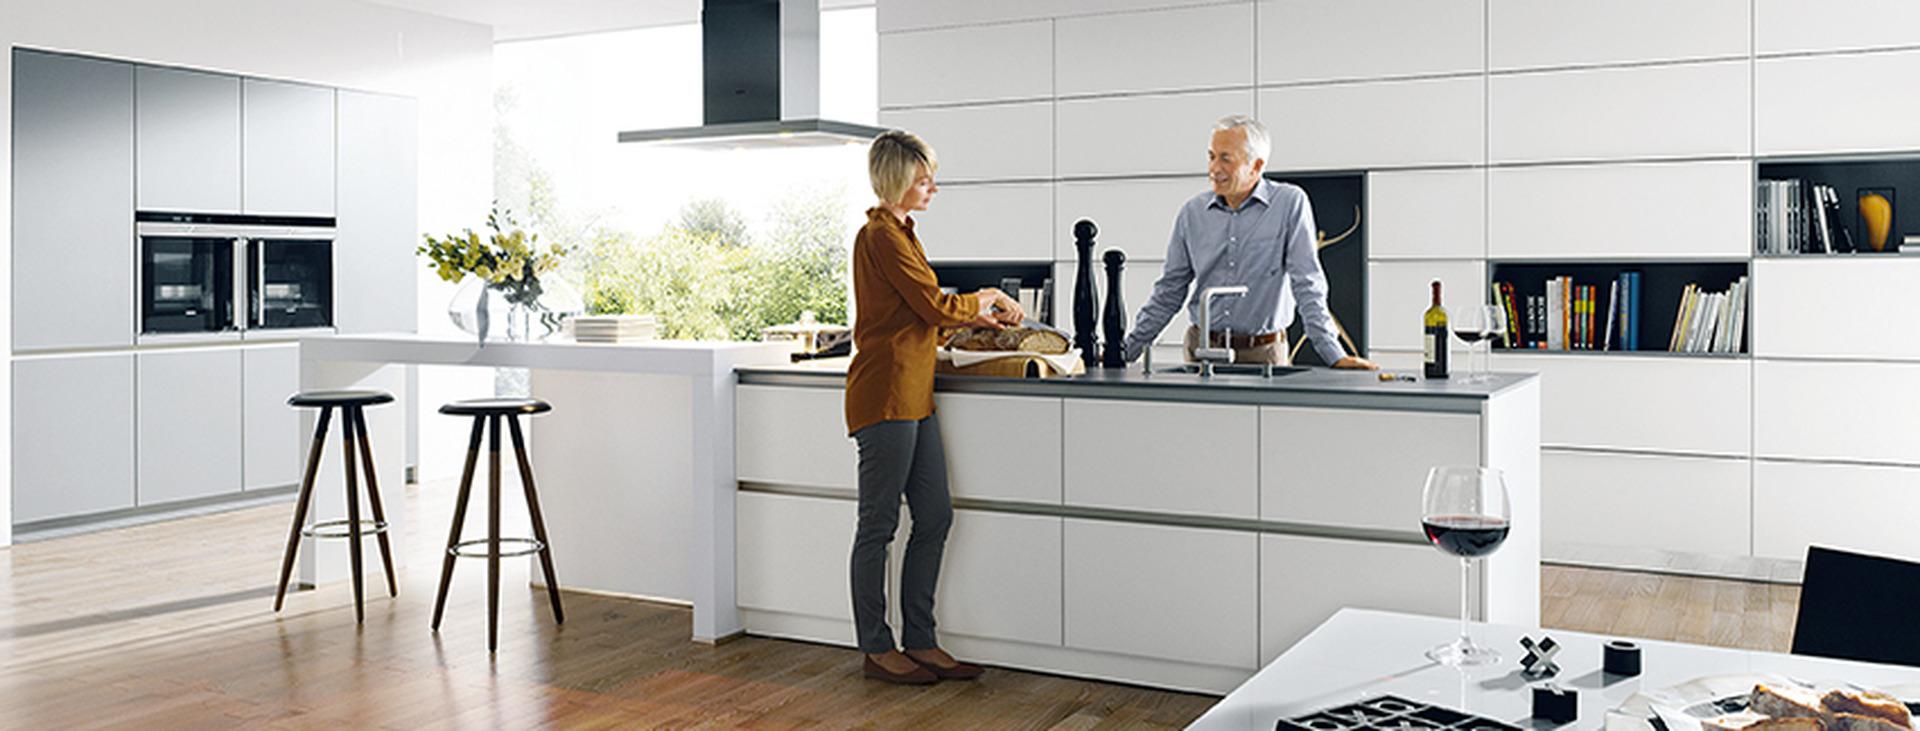 V&V Küchen Center Coesfeld - Einbauküchen